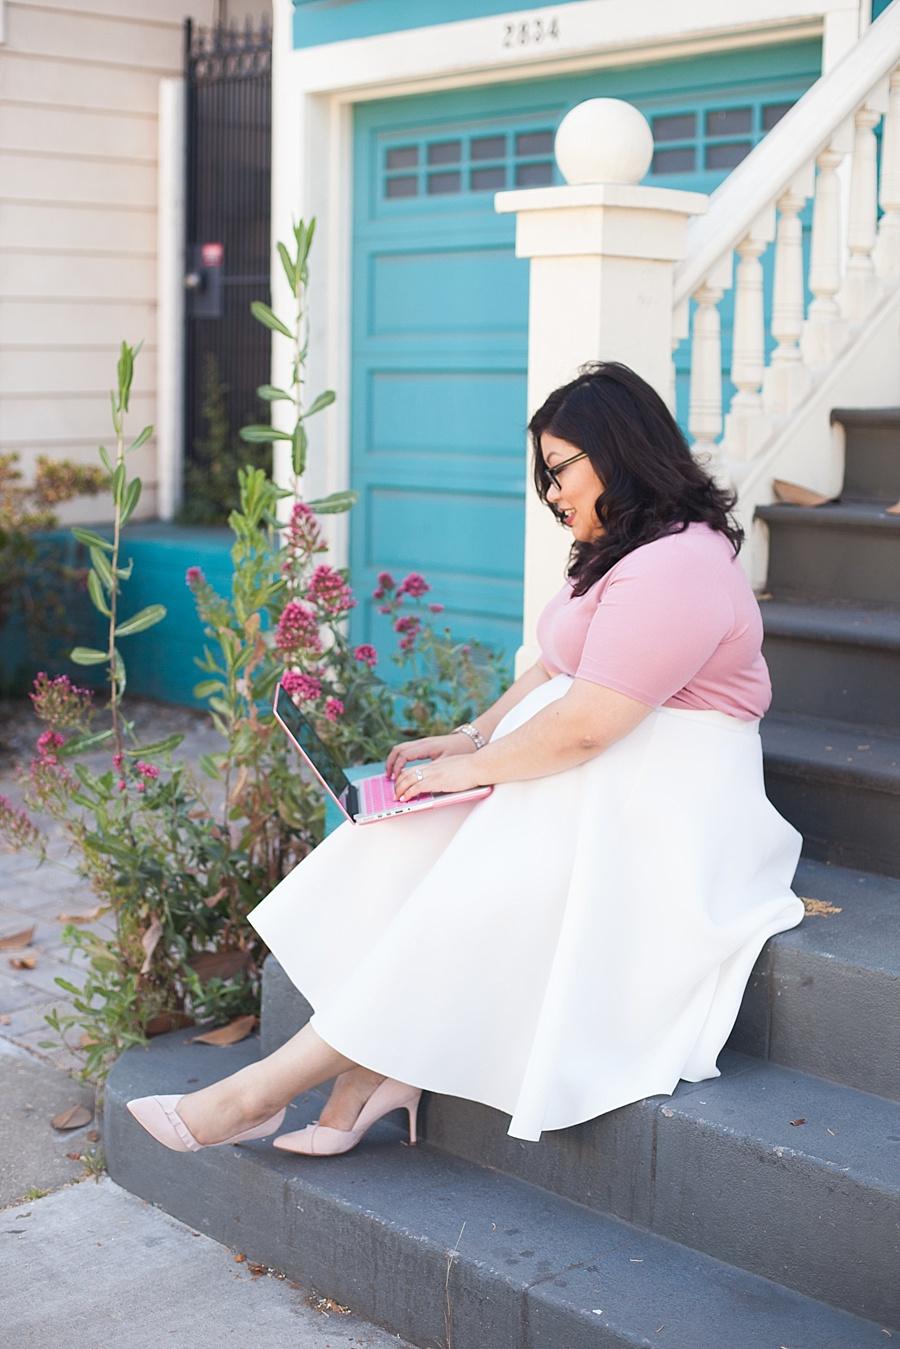 whiteskirtsanfranciscobloggercolorfulpurplehousepinkshirt_0173.jpg